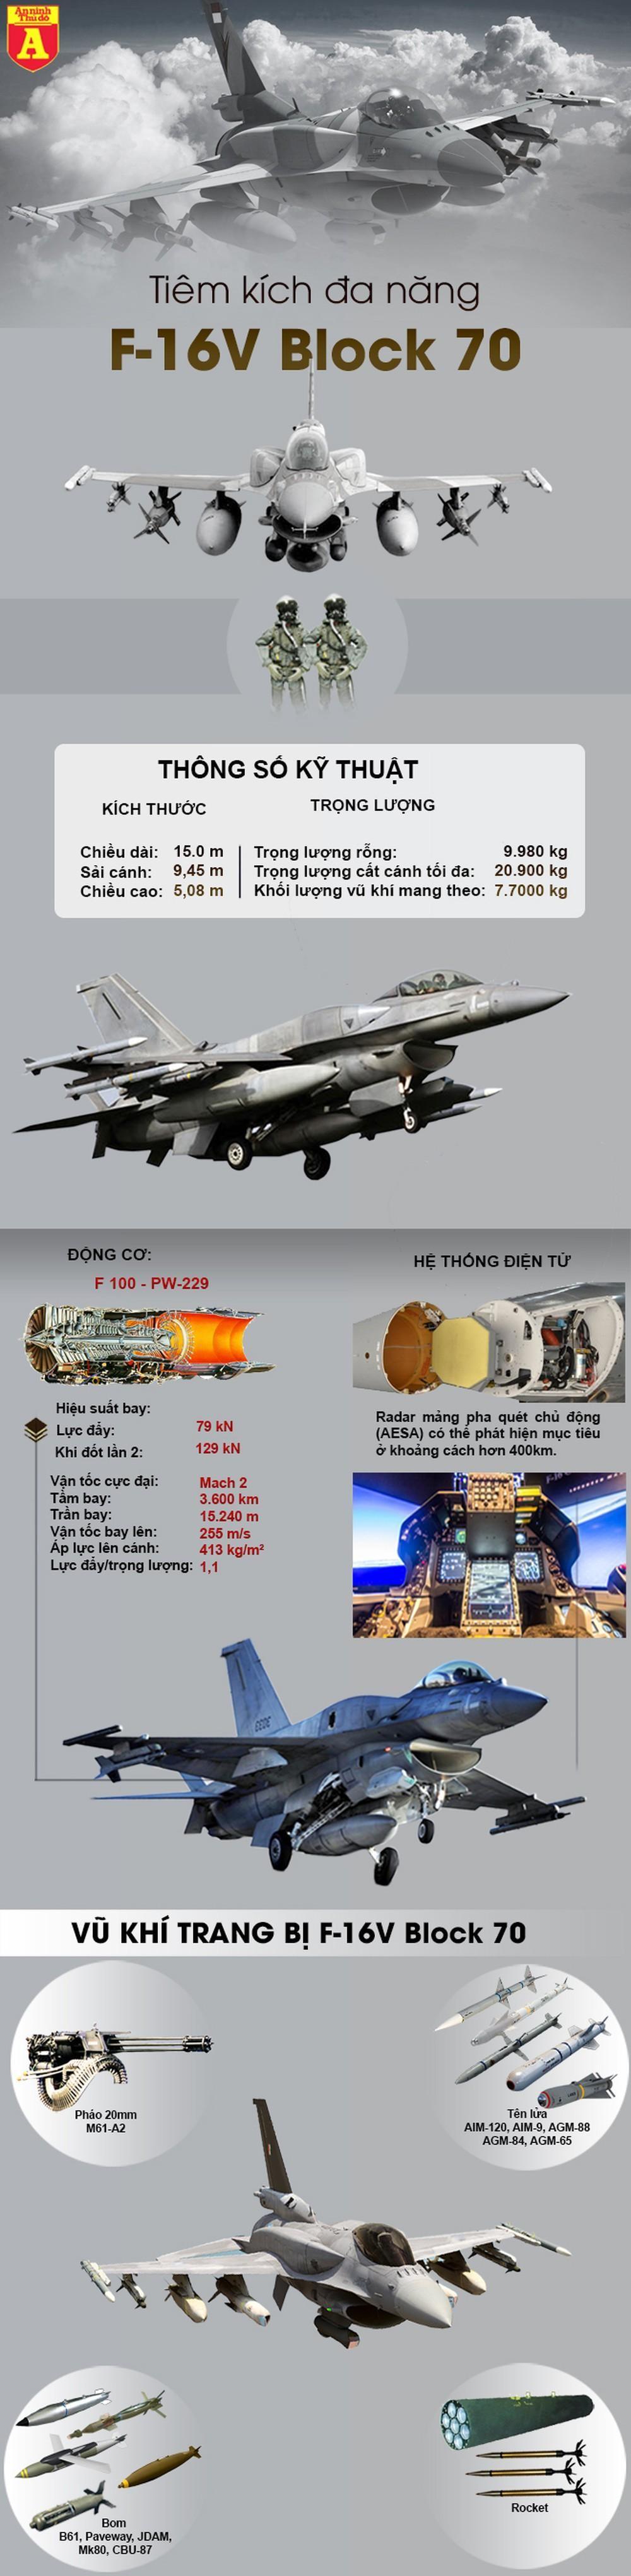 [Info] F-16V đảo Đài Loan có sức mạnh ngang ngửa Su-35 khiến Trung Quốc lo ngại ảnh 3